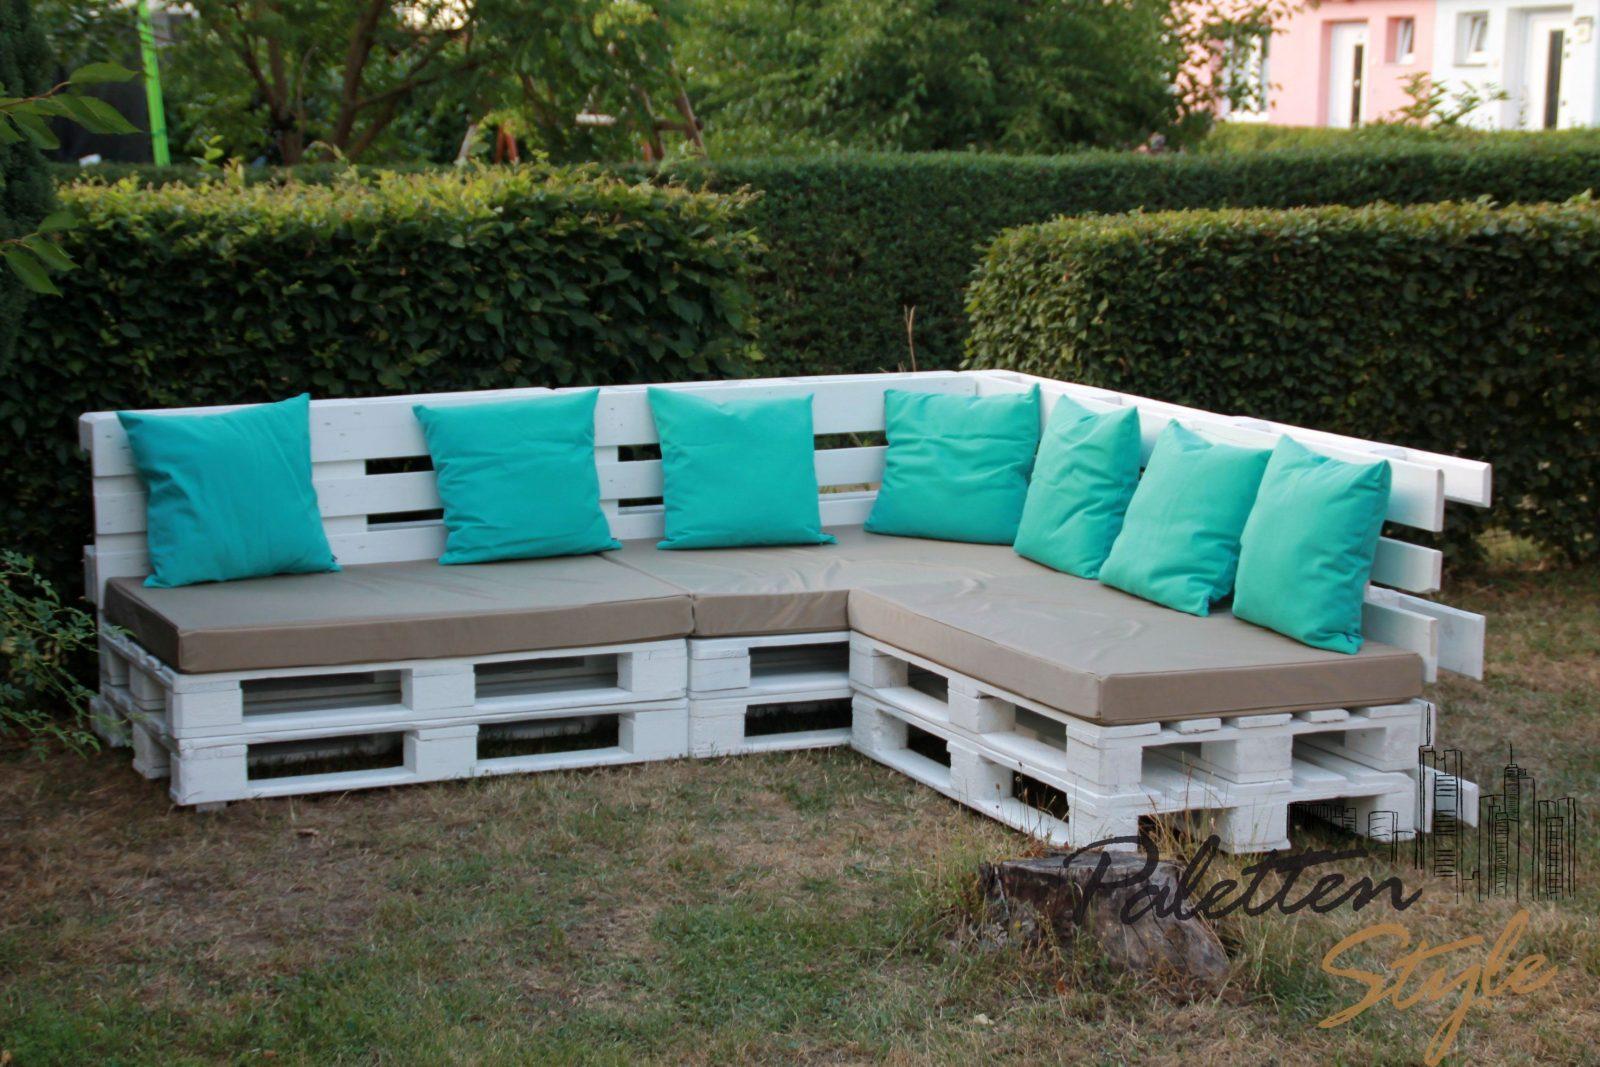 Perfekt Lounge Sofa Garten Selber Bauen Cane Line Flex Fa 1 4 R von Garten Sofa Selber Bauen Photo